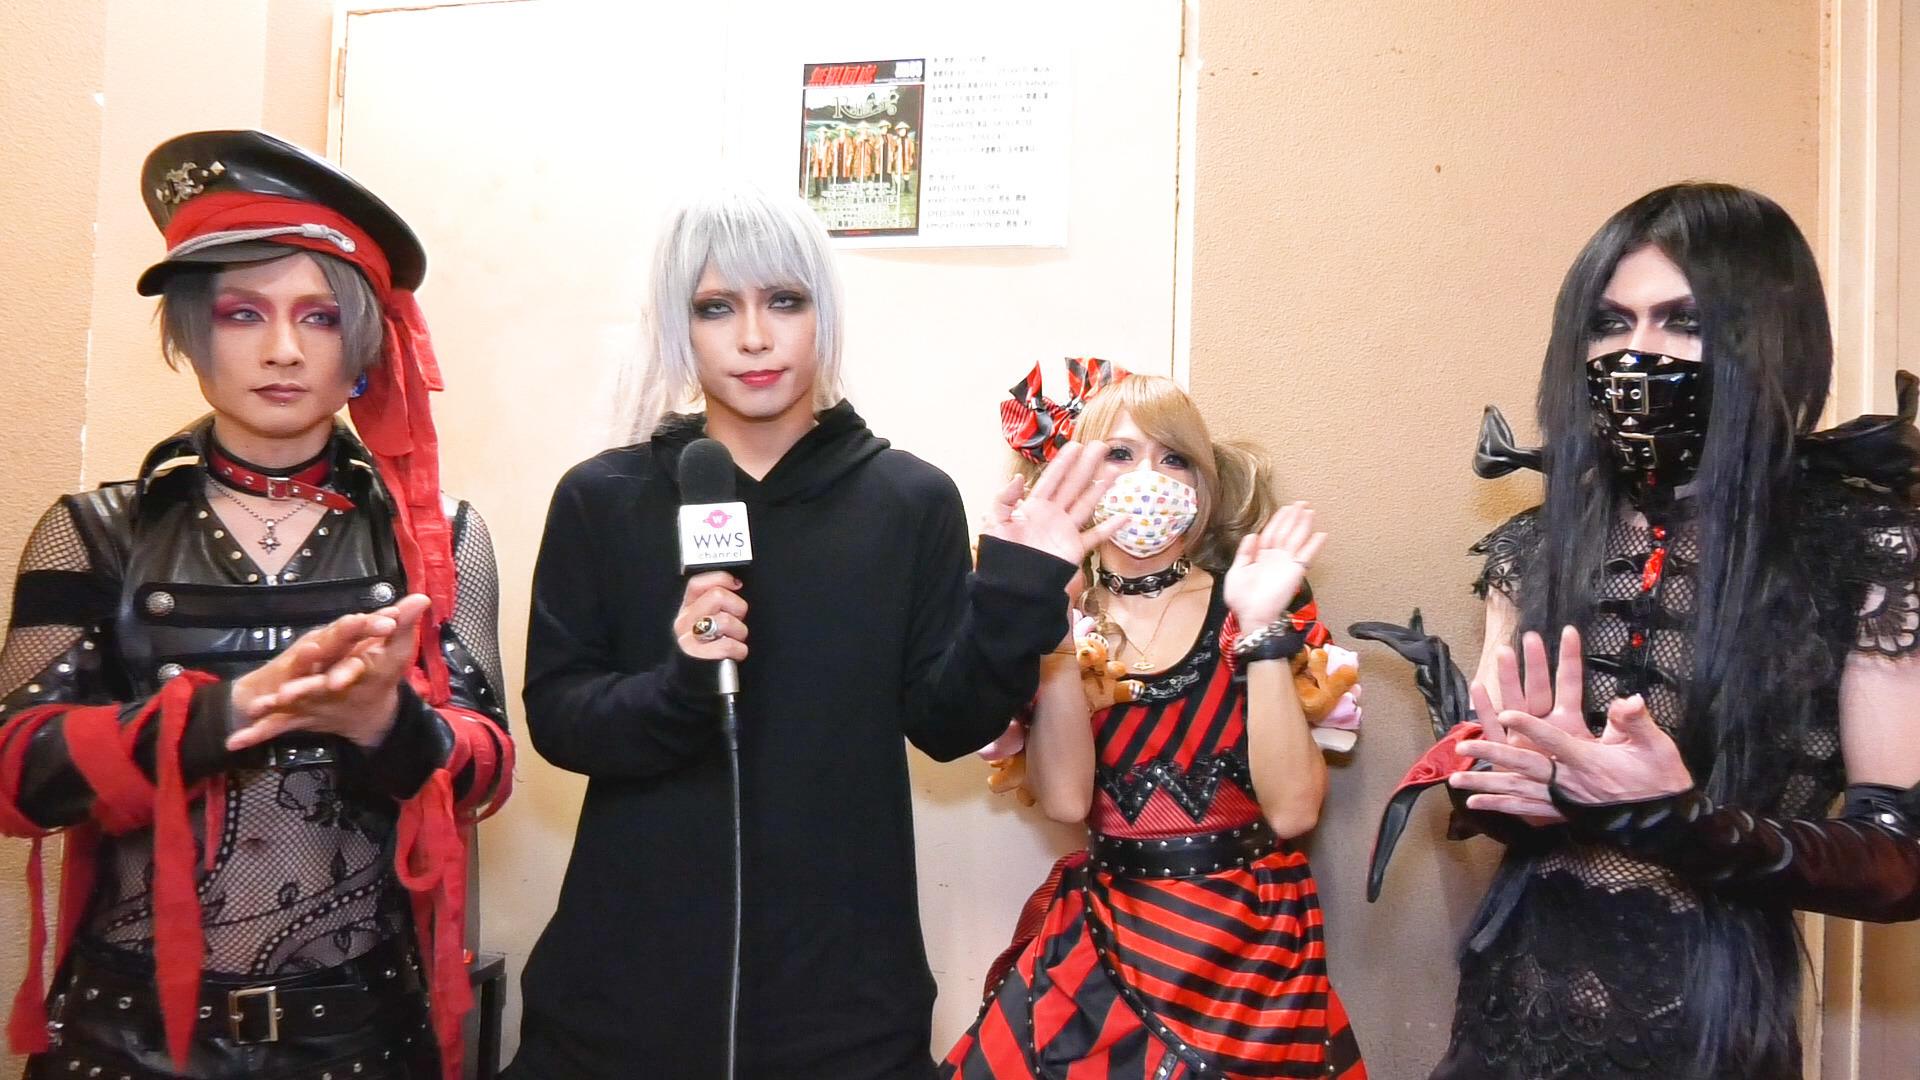 ヴィジュアル系バンド MORRIGANにインタビュー! VisUnite アプリランキング1位を獲得!